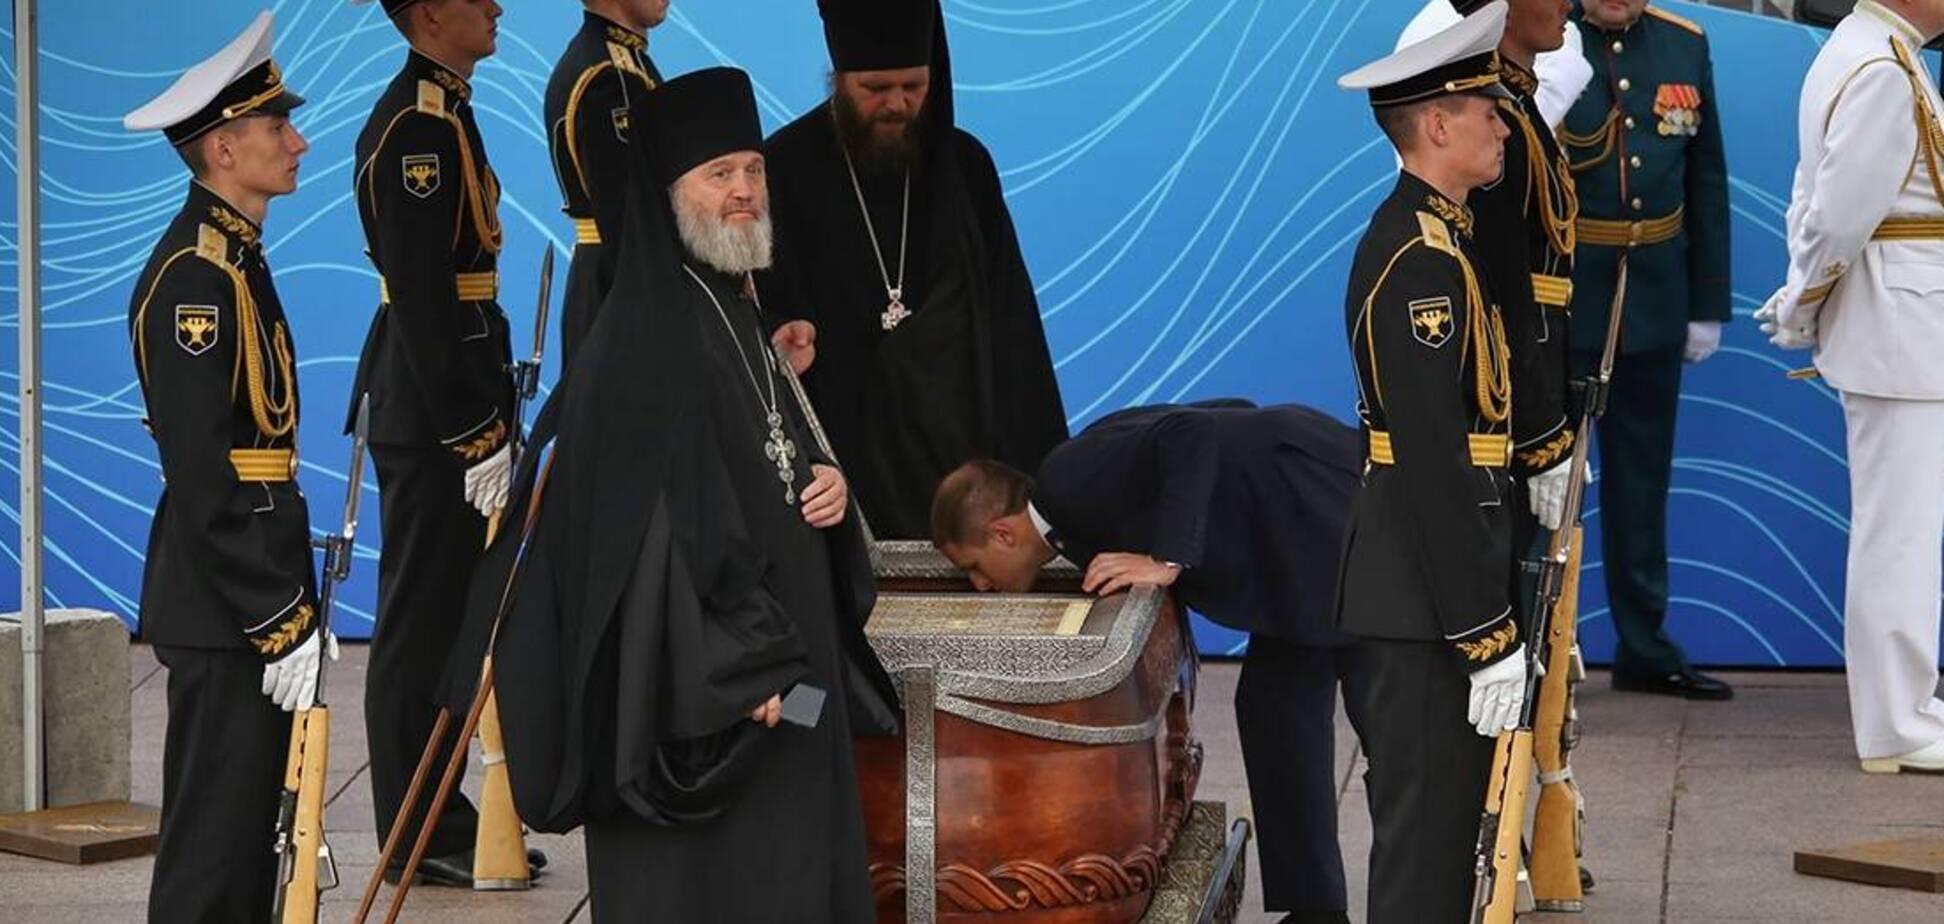 У Пітері на параді до Дня ВМФ виставили труну з останками адмірала Ушакова. Джерело: Фонтанка